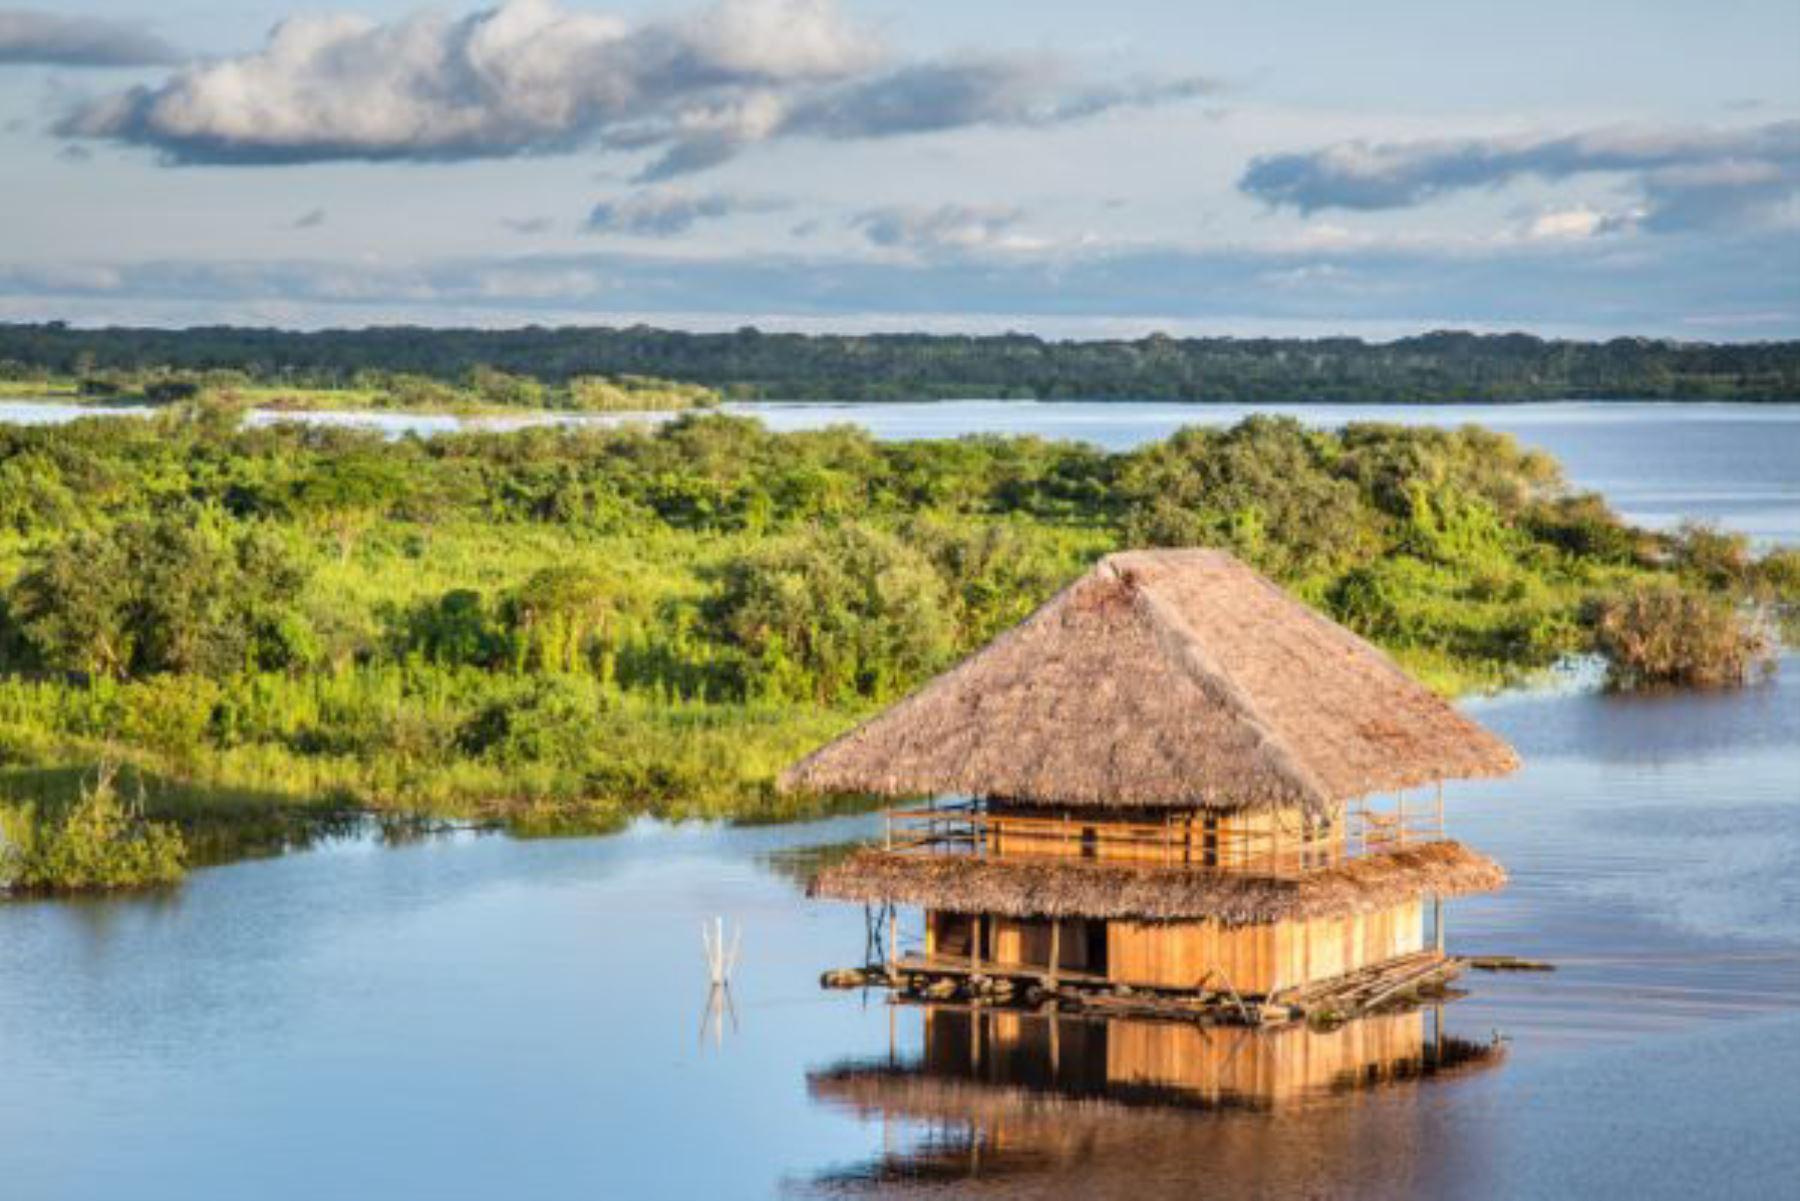 La Reserva Nacional Pacaya Samiria, la segunda área natural protegida más grande del Perú y ubicada en la región Loreto, vuelve a concitar el interés del turismo mundial al ser destacado como destino de imperdible visita este año, en la 41° edición de la Feria Internacional de Turismo (Fitur) realizada recientemente en Madrid, España. ANDINA/Difusión